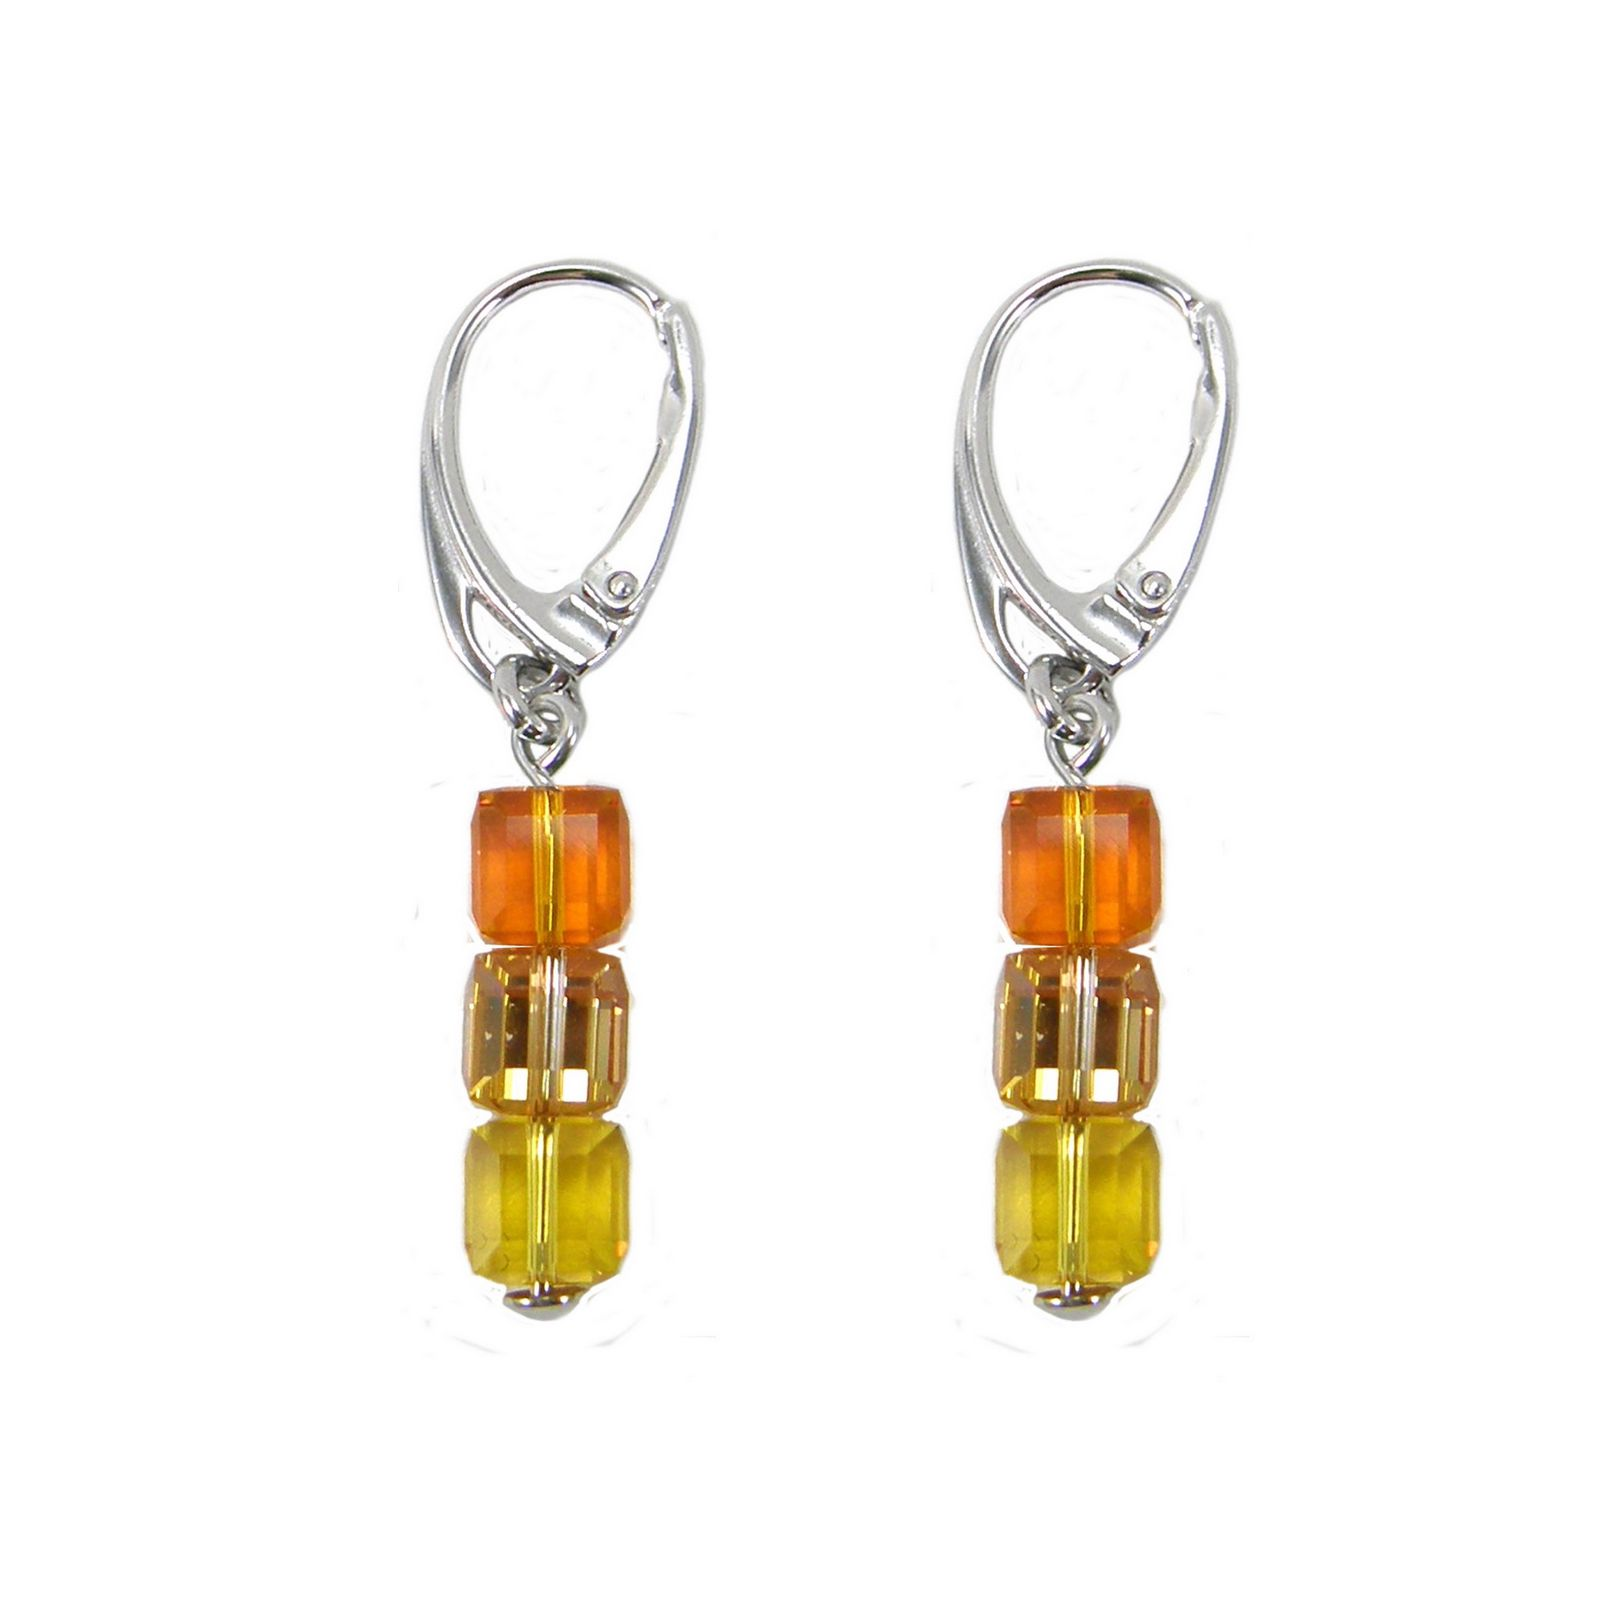 Boucles d'oreilles Indicolite Pixel 3 Carré en argent et cristaux Swarovski jaunes et oranges